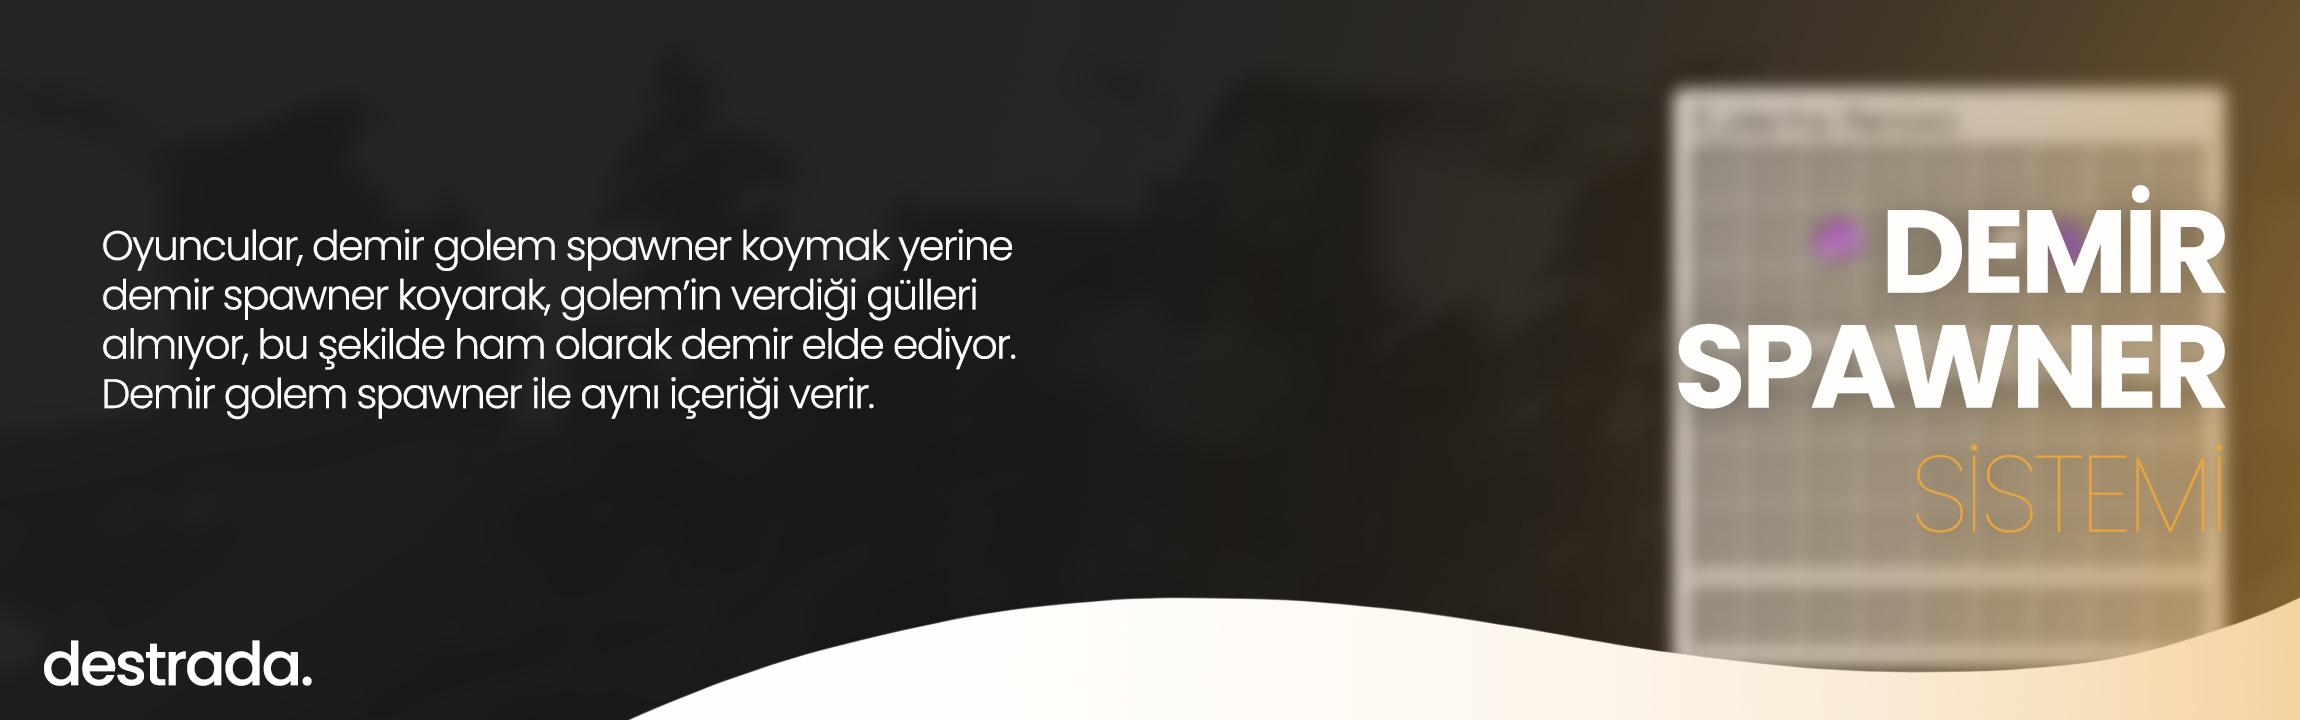 exz8dms.jpg